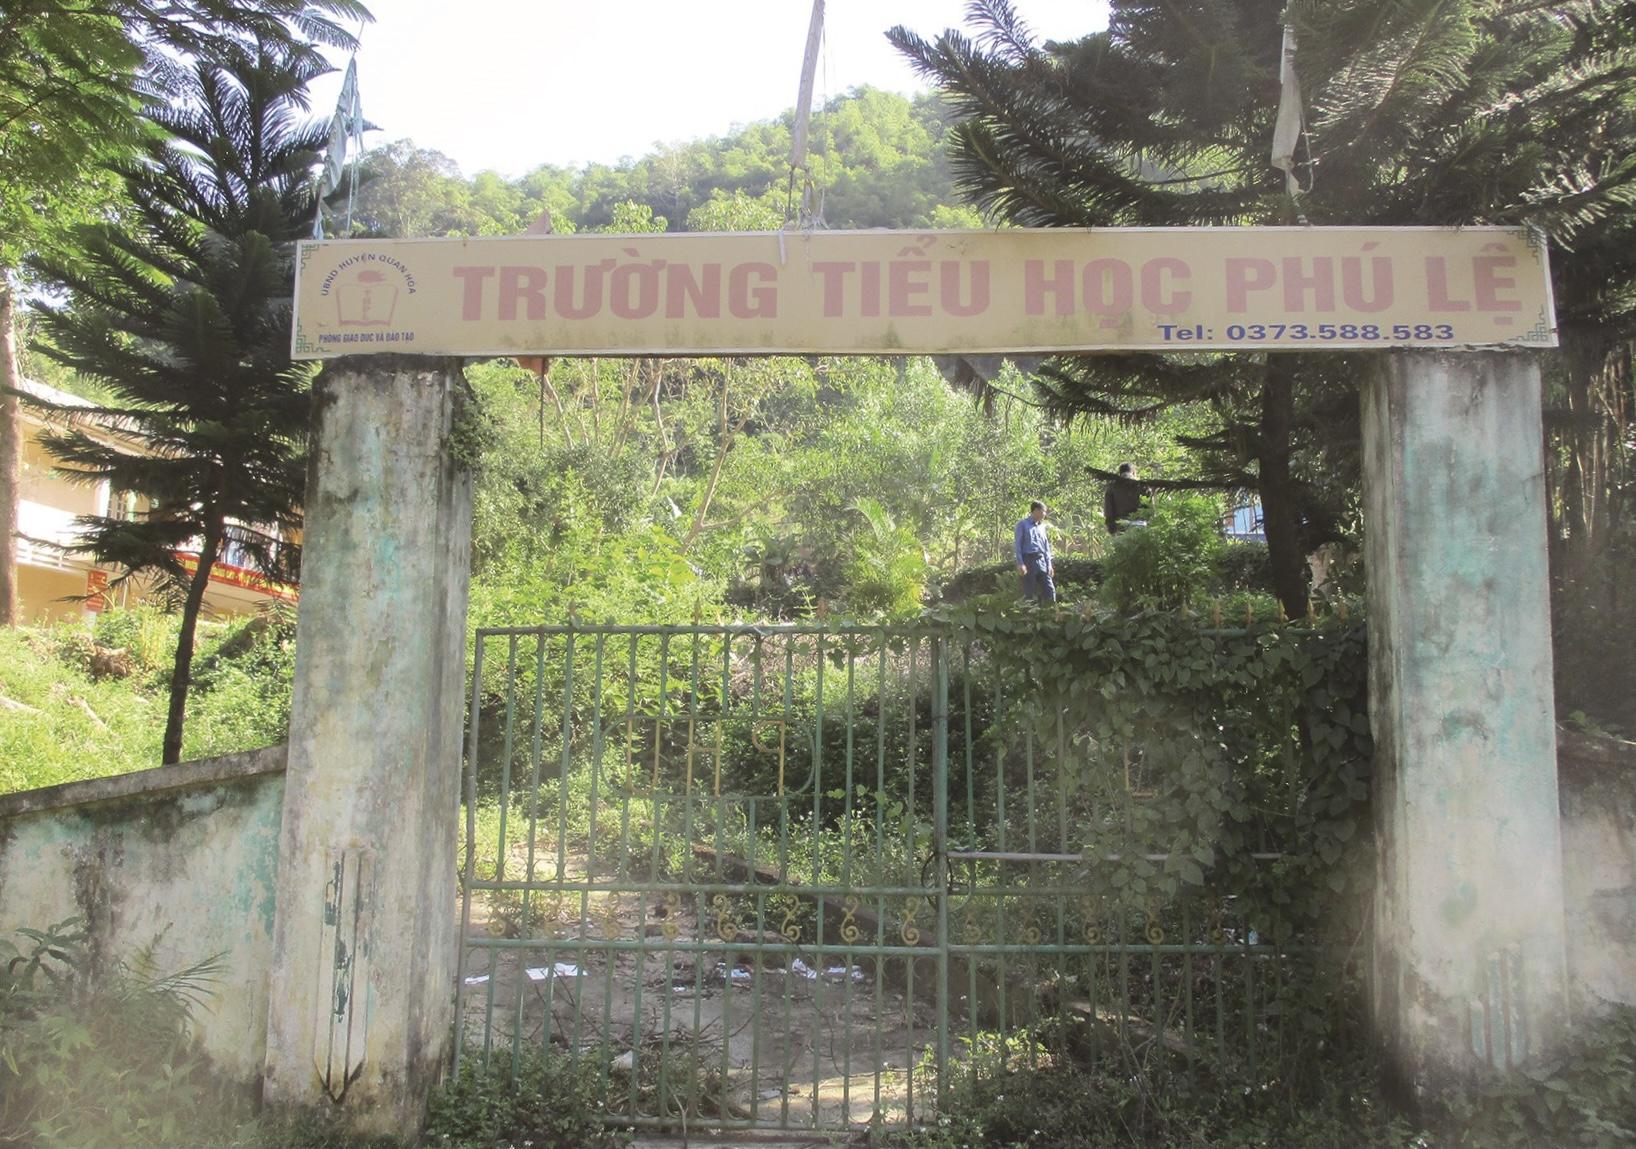 Cổng trường Tiểu học Phú Lệ, huyện Quan Hóa